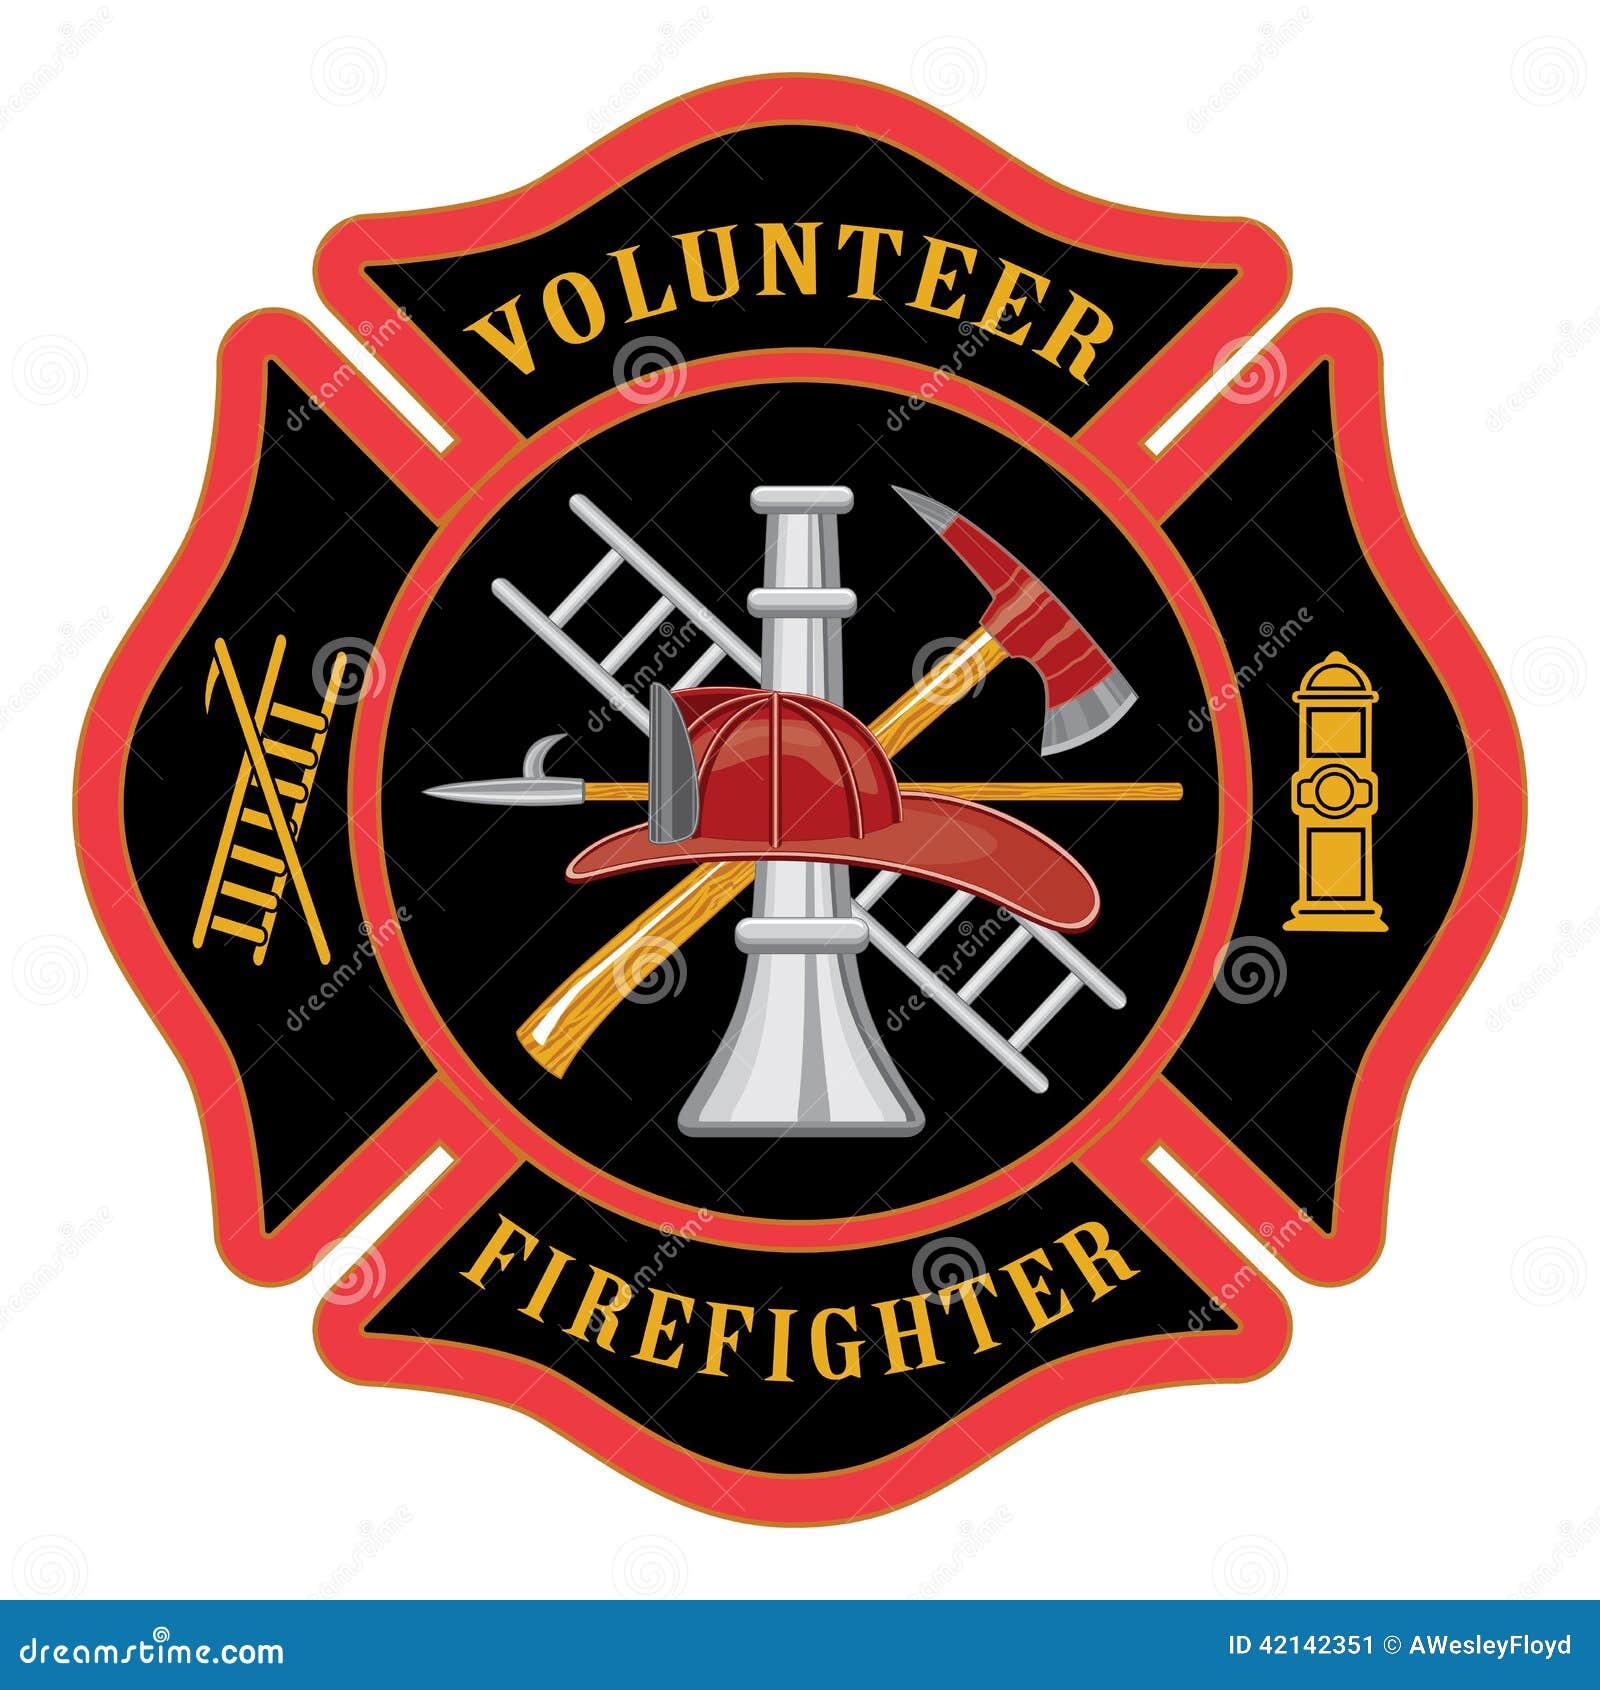 Volunteer stock illustrations 11028 volunteer stock volunteer firefighter maltese cross illustration of the firefighter or fire department maltese cross symbol for buycottarizona Gallery